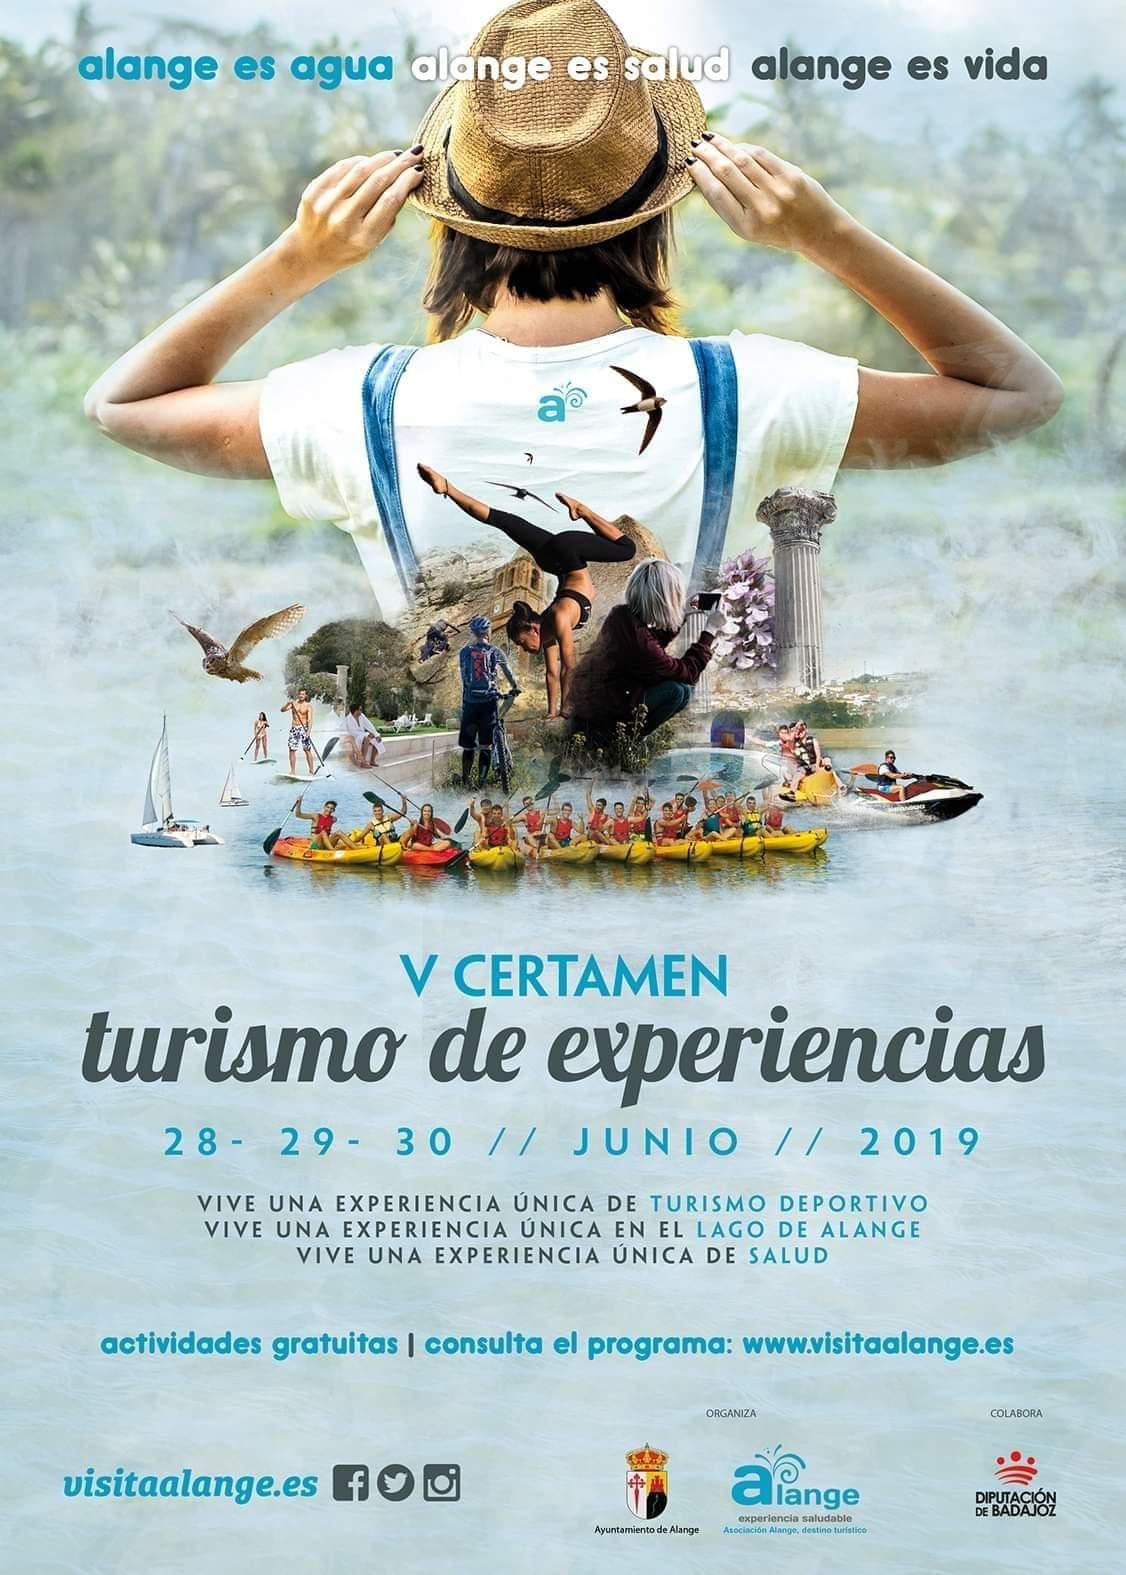 V Certamen de turismo de experiencias - Alange (Badajoz)